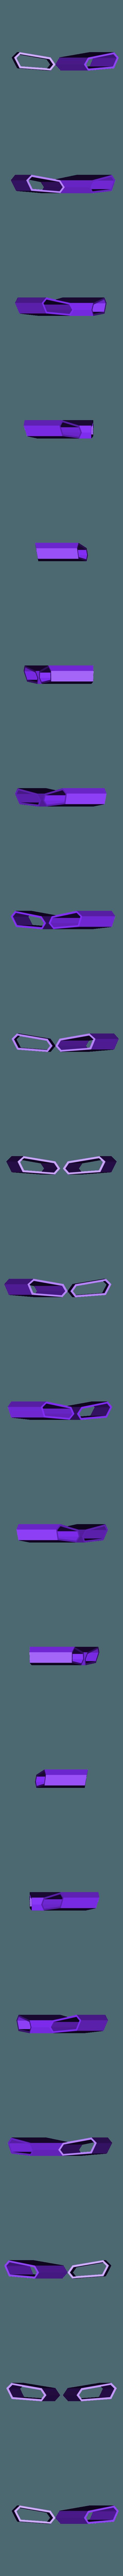 Head-Black.stl Télécharger fichier STL gratuit Big Optimus Prime! - Modèle multi-matériaux • Plan pour imprimante 3D, ChaosCoreTech